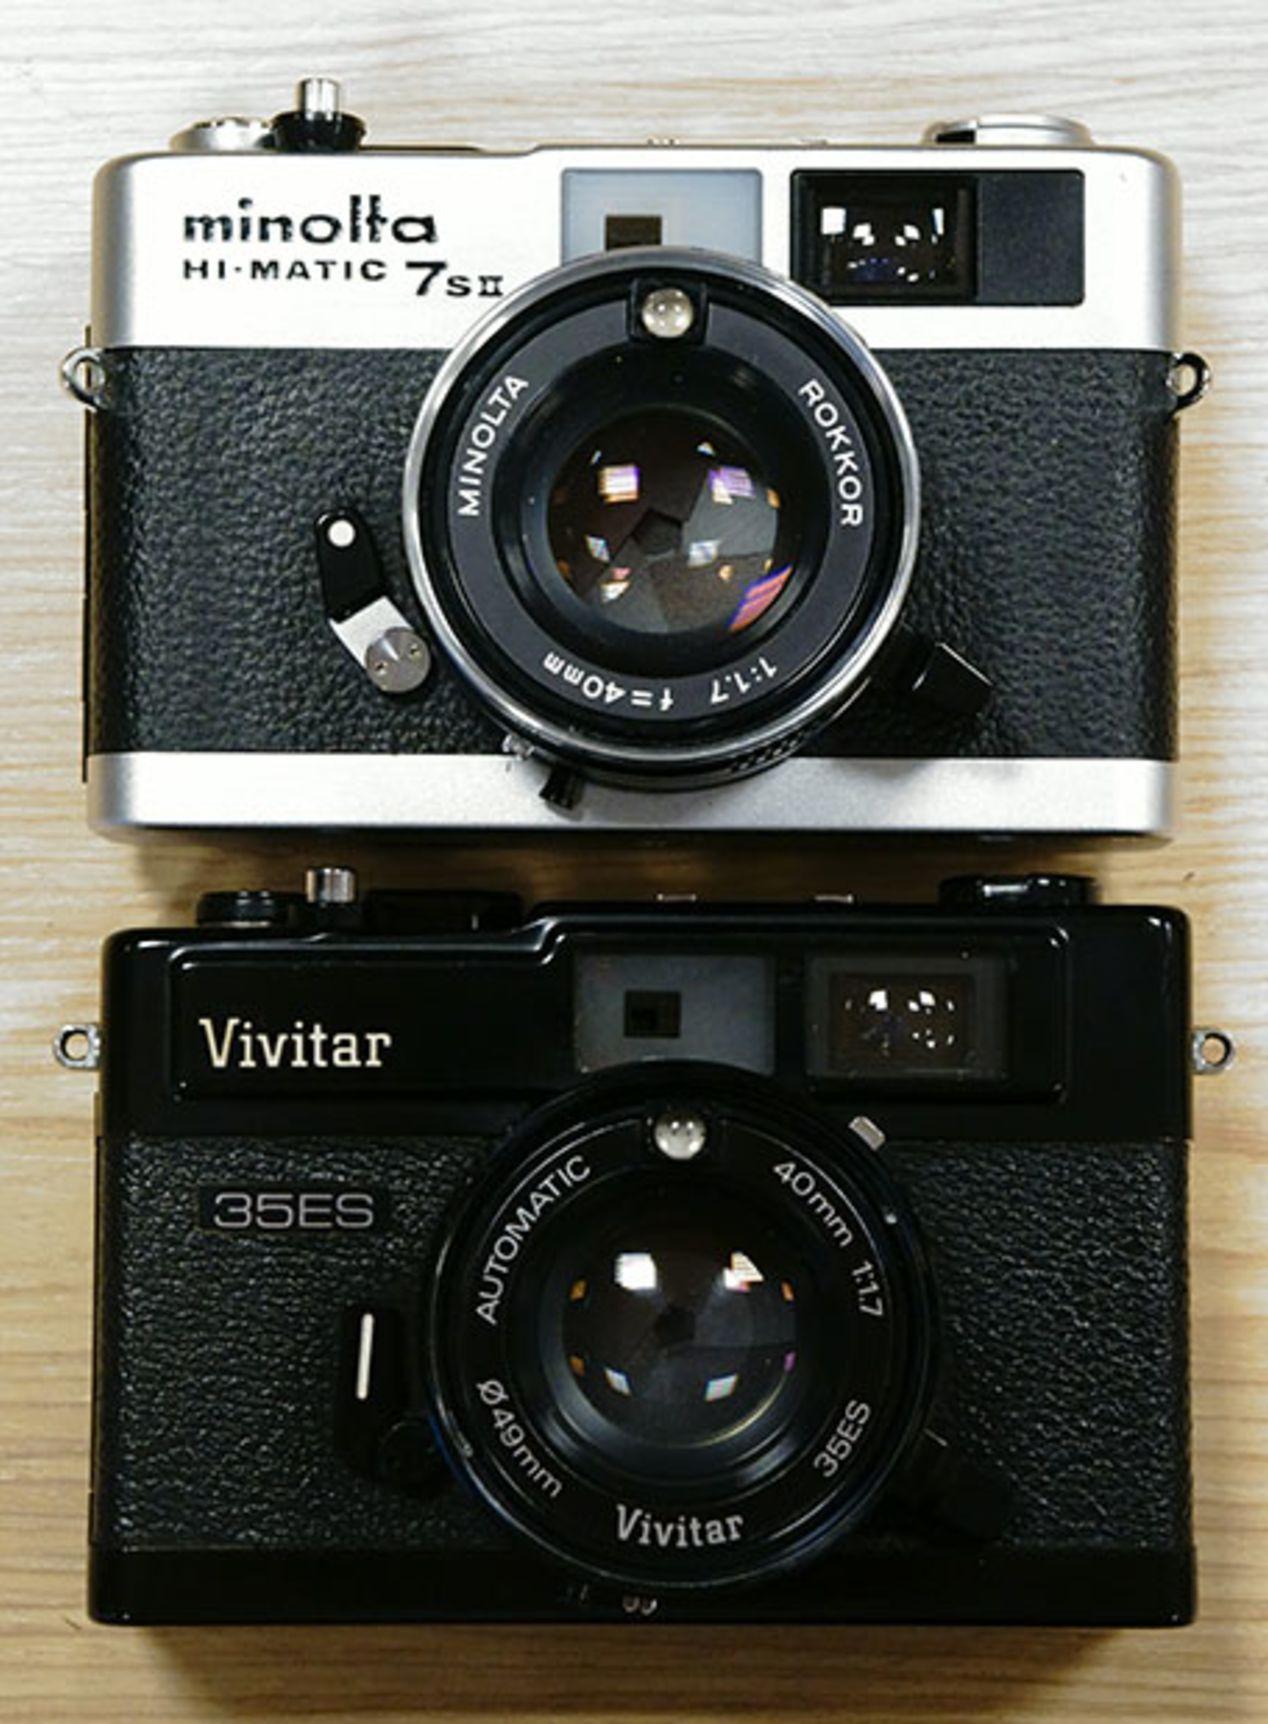 Vivitar 35ES ($50-65).